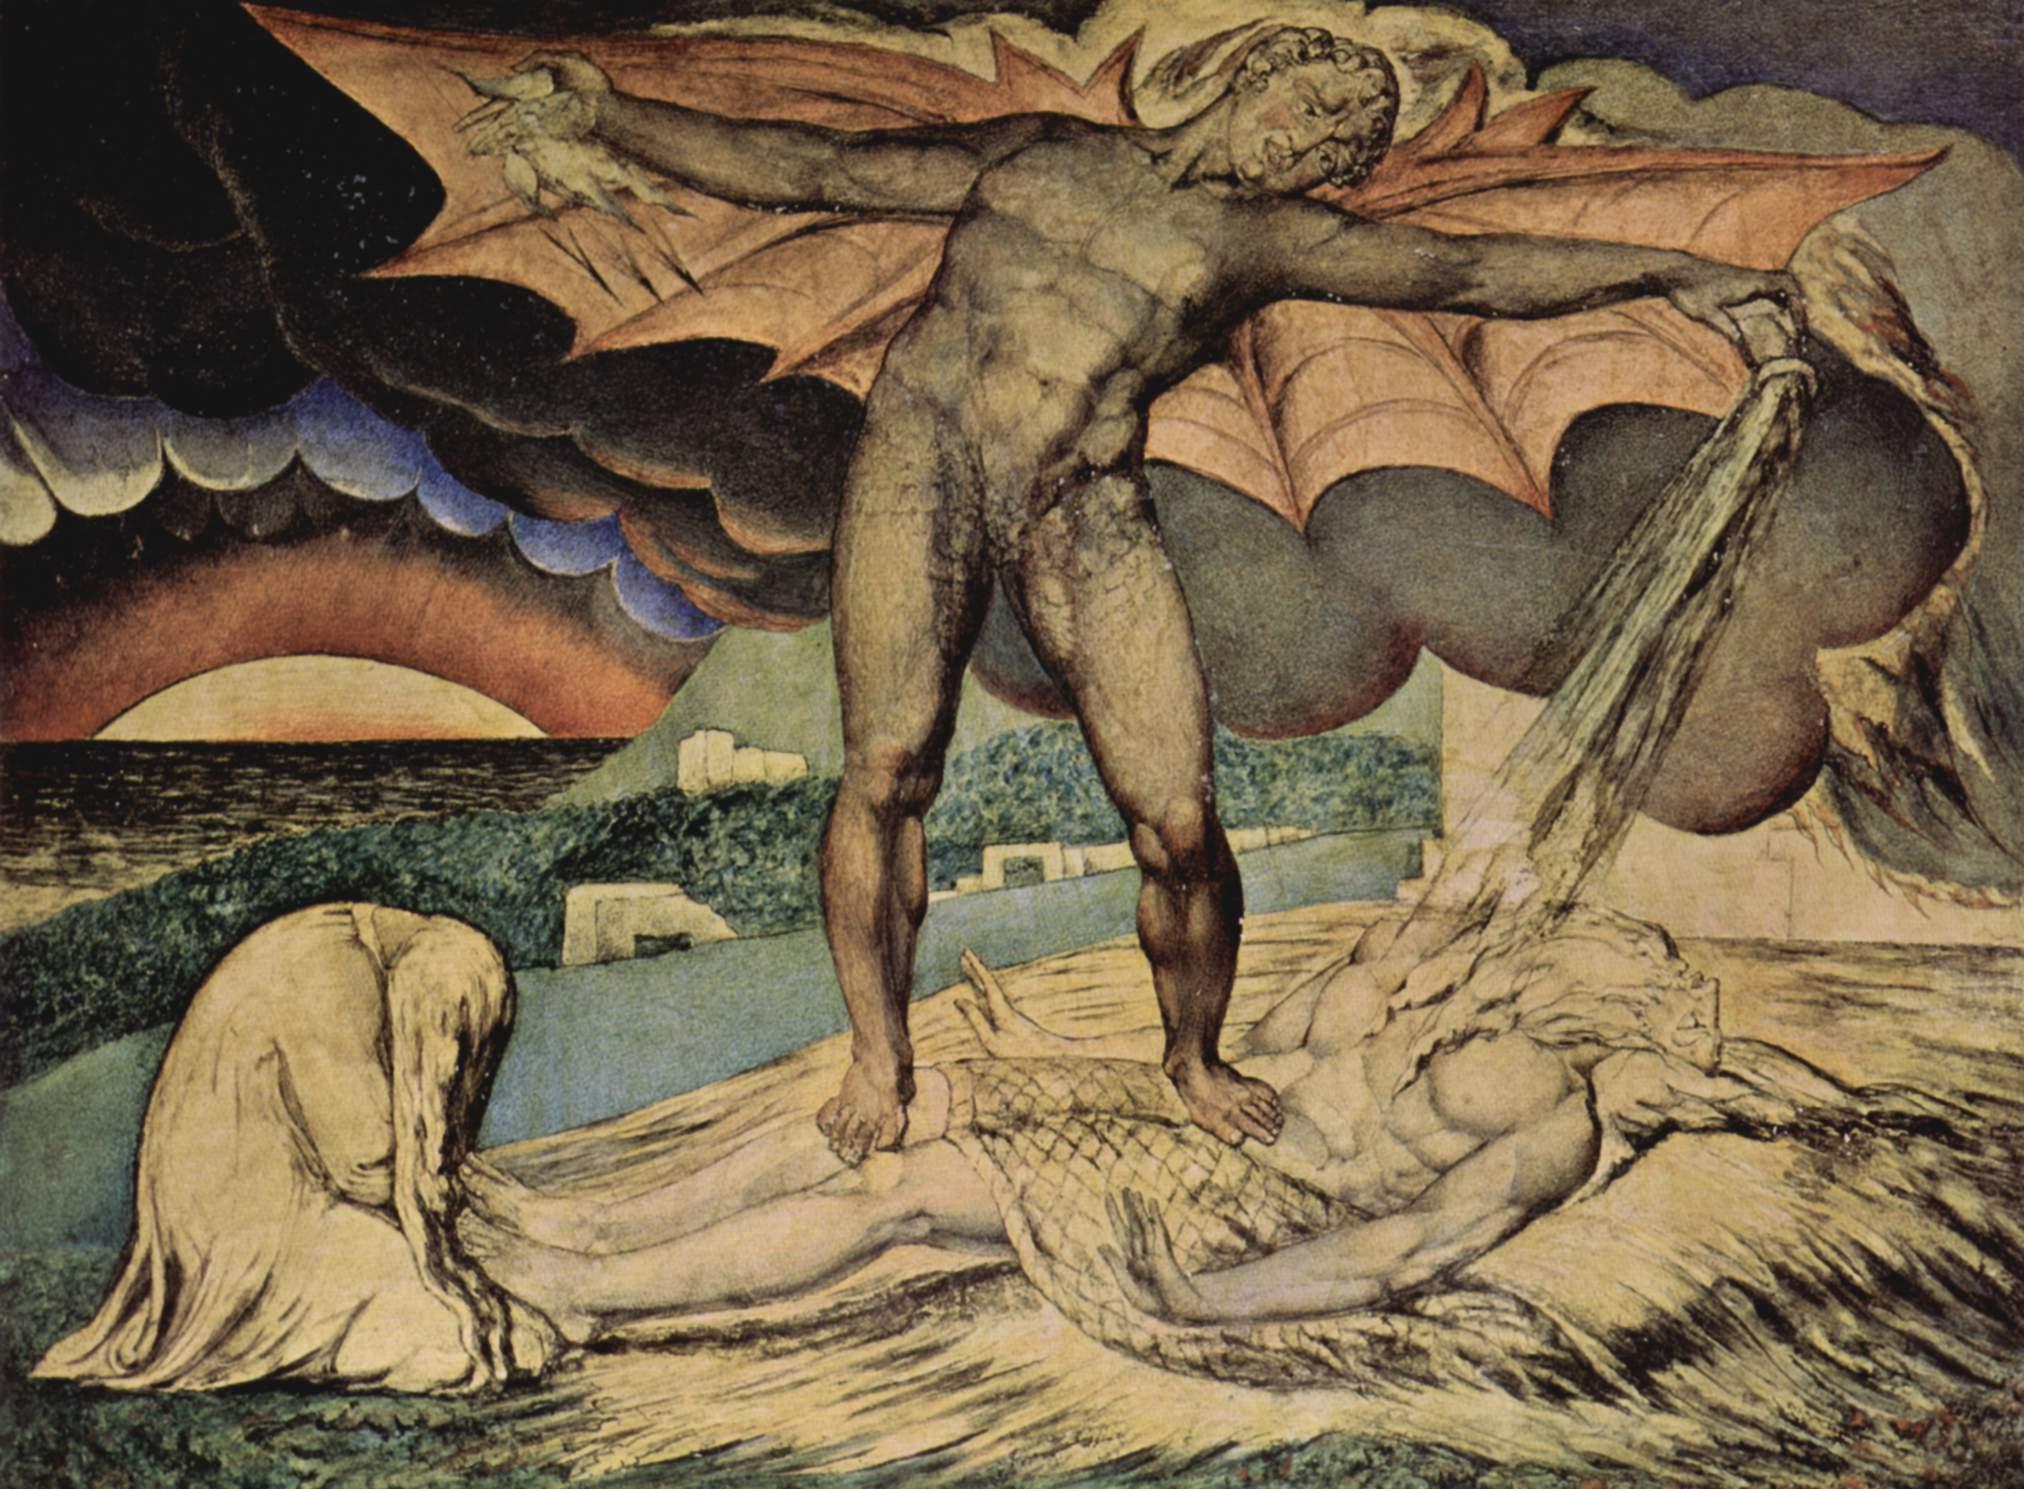 Roberto Dall'Olio: Belzebù e il demone della schiavitù